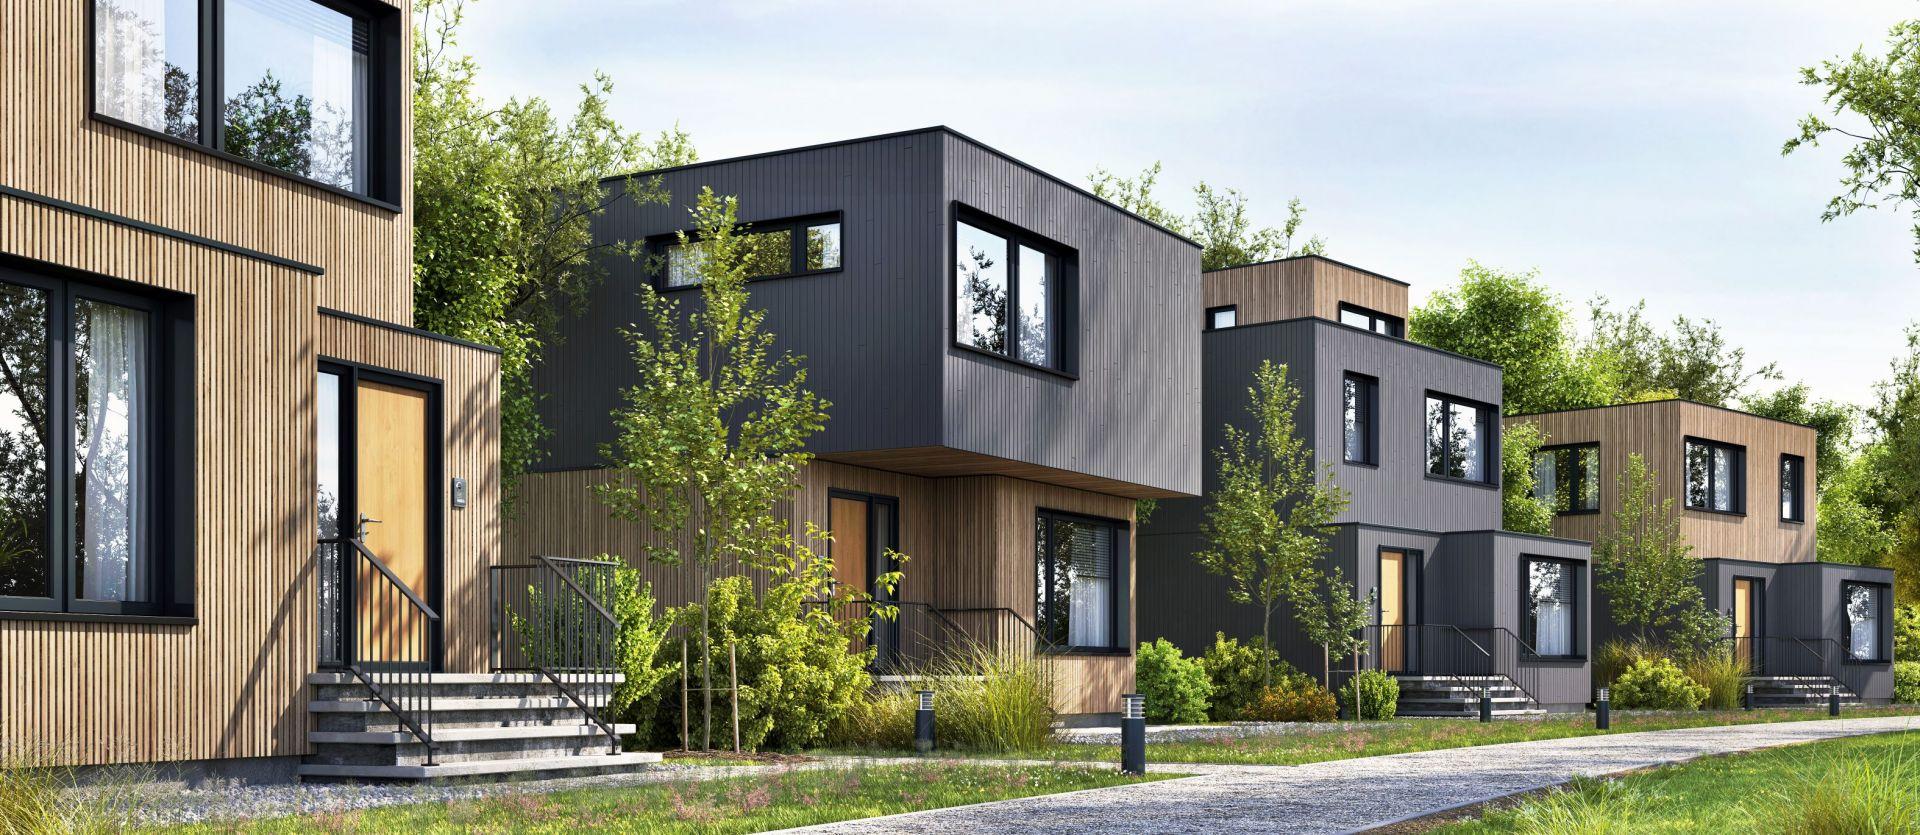 Nowoczesny dom powinien nie tylko nowocześnie wyglądać, lecz także służyć mieszkańcom oraz środowisku. Fot. Awilux Polska